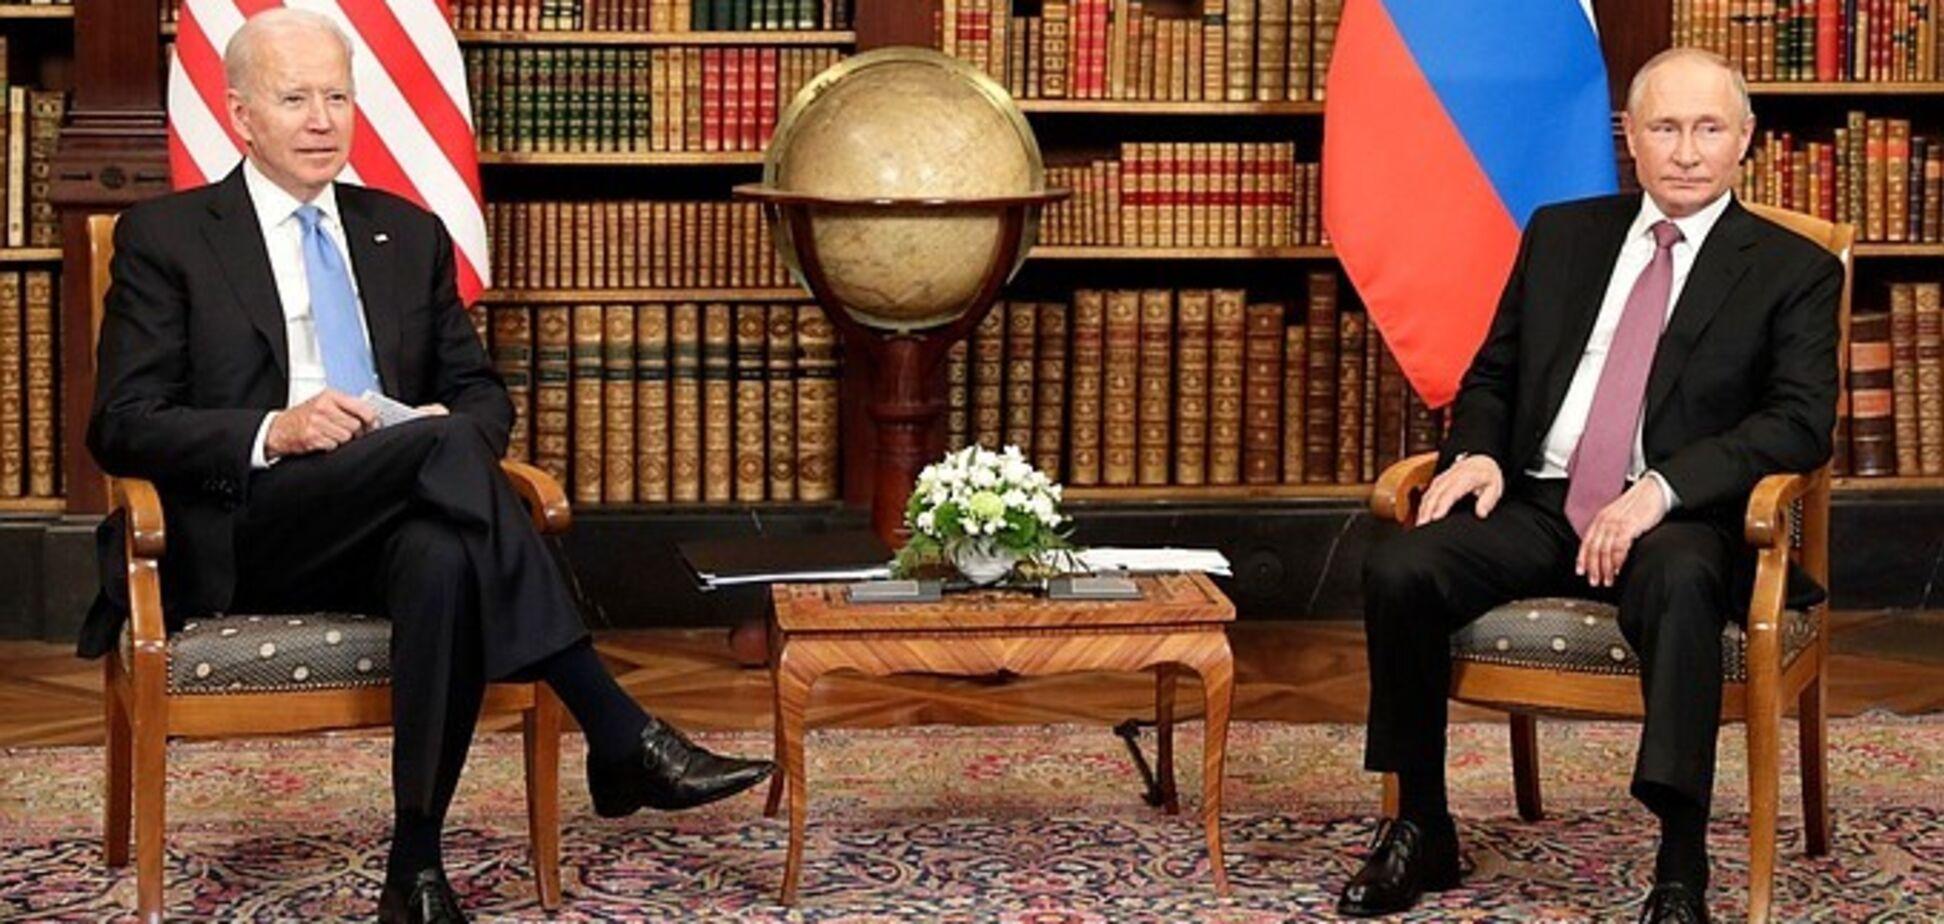 Байден пытался загнать Путина в угол, но потерял хладнокровие – западные СМИ о саммите в Женеве